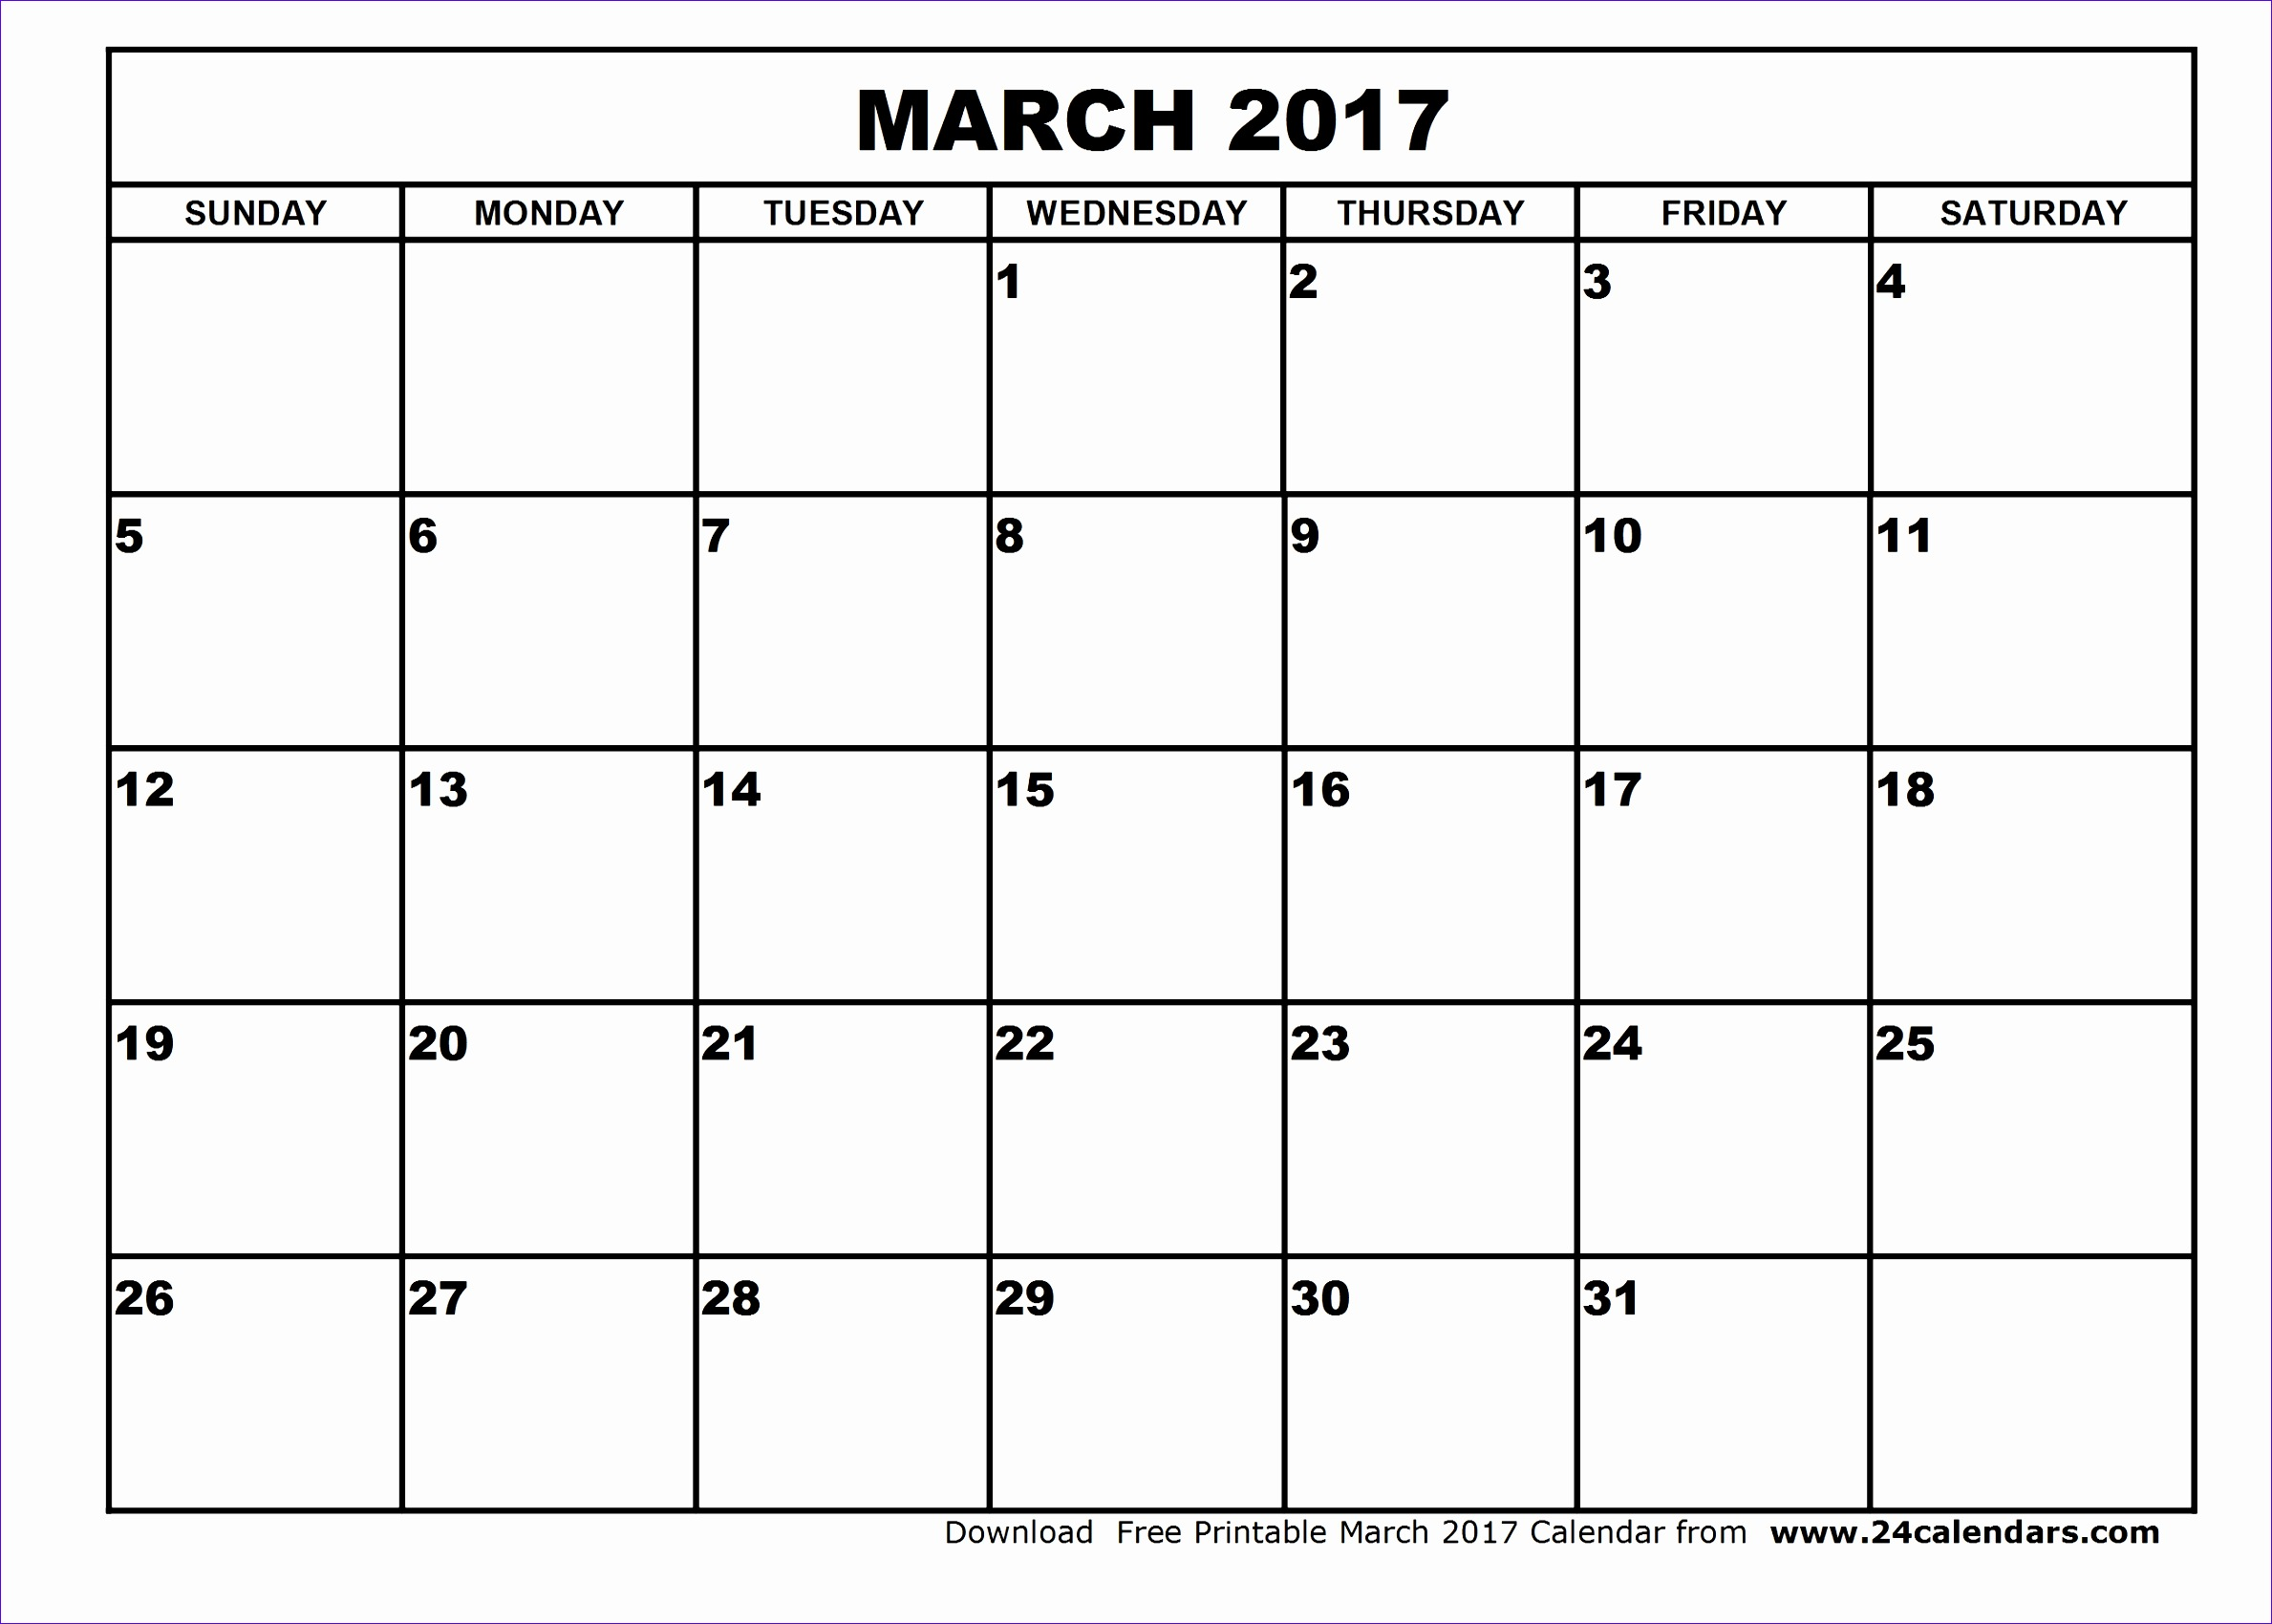 2450 march 2017 calendar printable 23781700